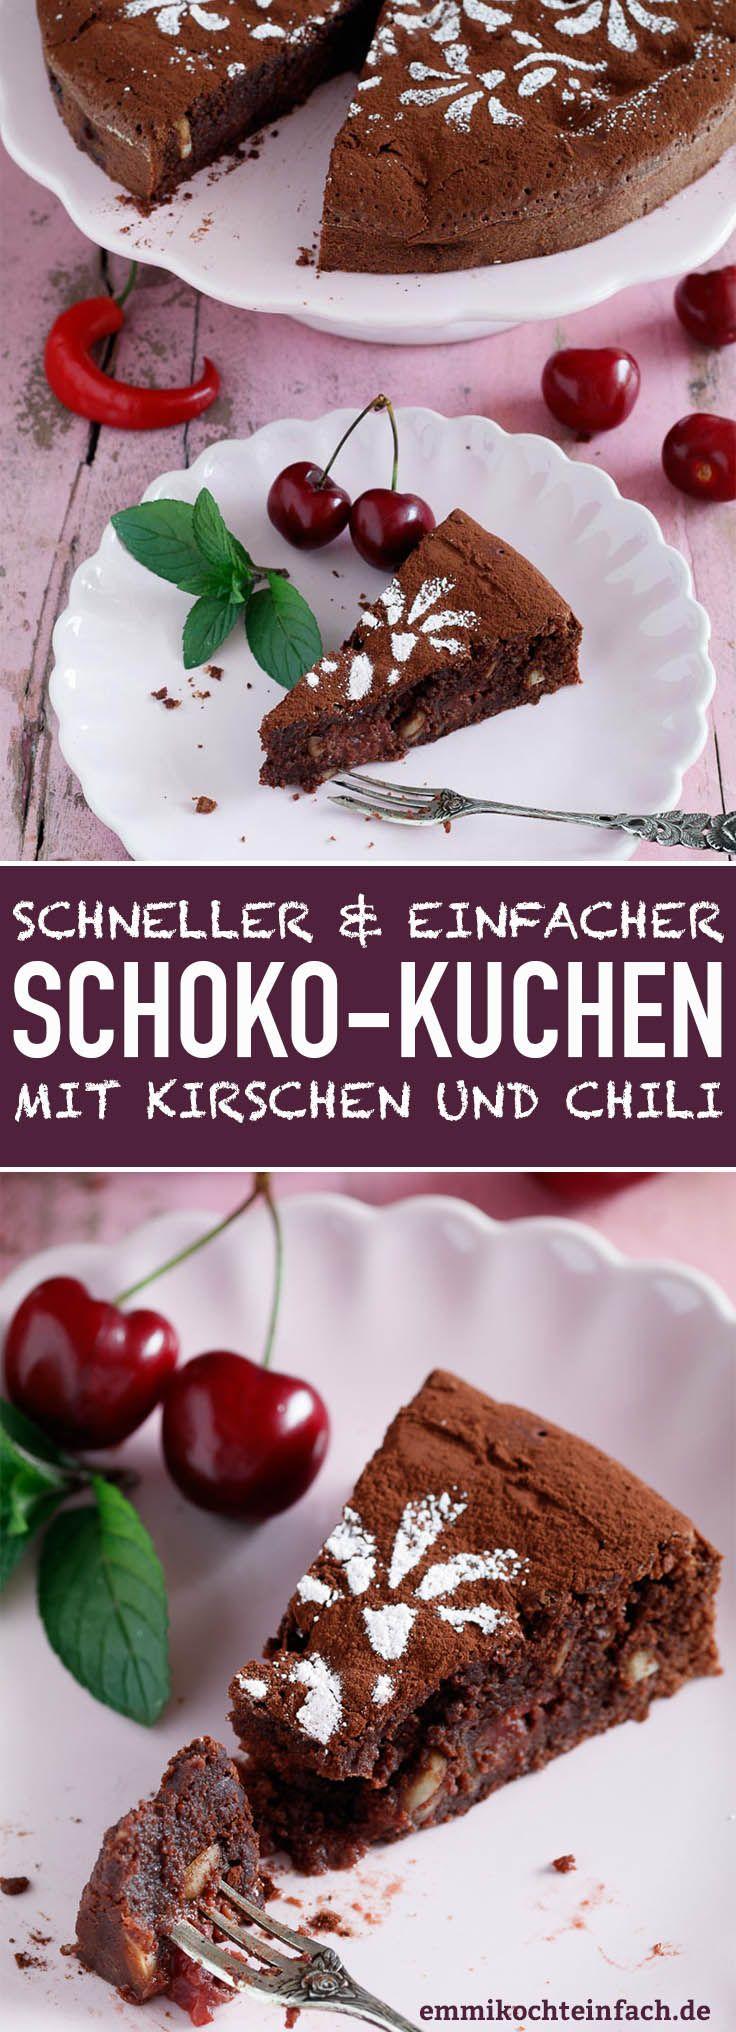 Schokoladenkuchen Mit Kirschen Und Chili Rezept Pinterest